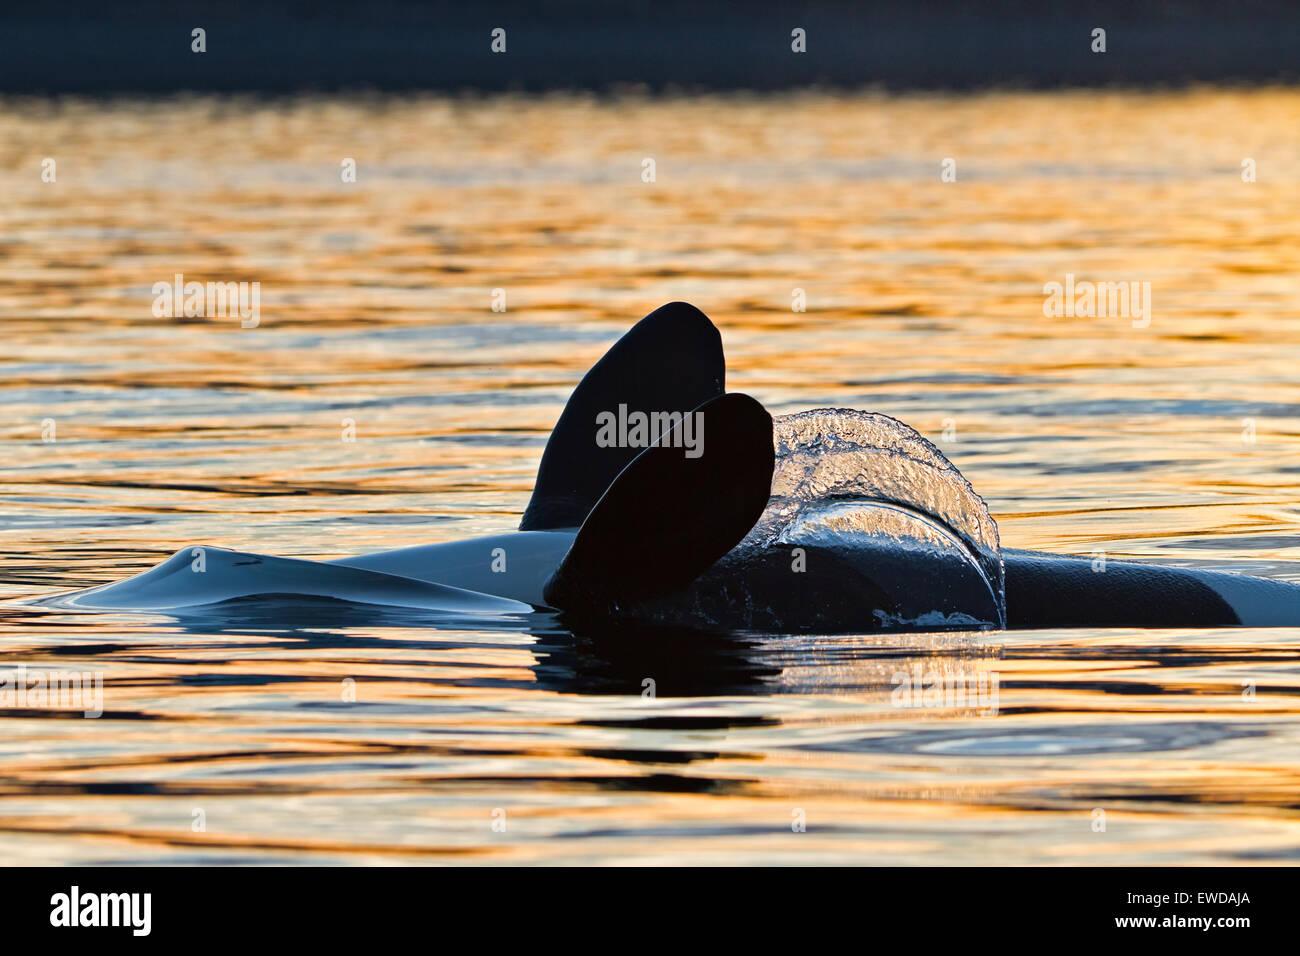 Les épaulards (Orcinus orca orca,, T30 et T137's) après avoir tué un lion de mer au large de Photo Stock